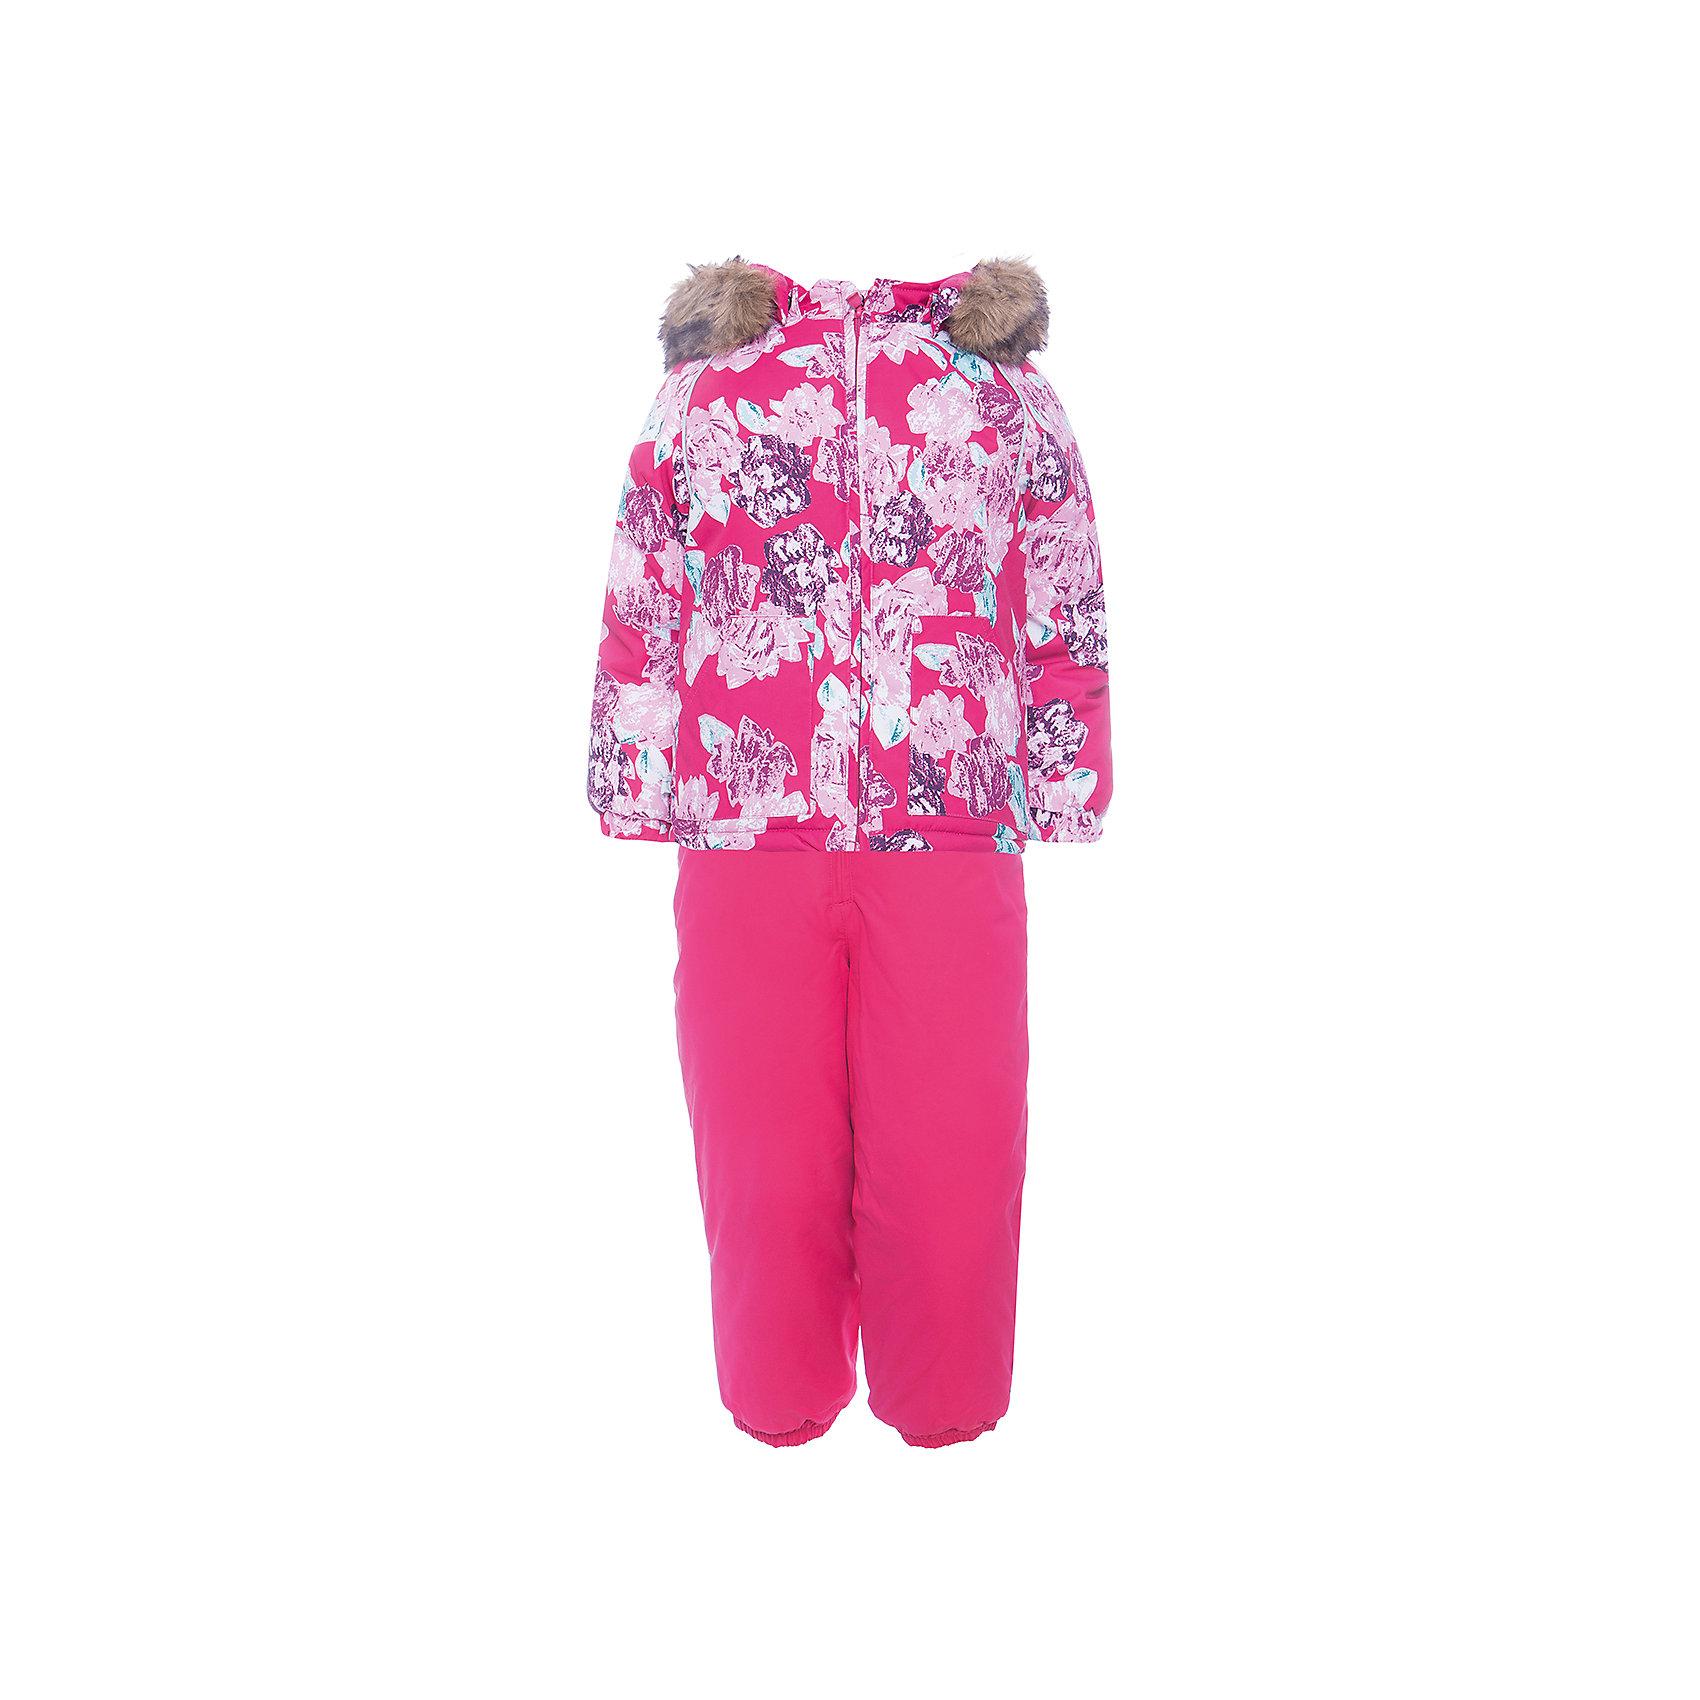 Комплект: куртка и брюки AVERY HuppaКомплекты<br>Комплект для малышей  AVERY.Водо и воздухонепроницаемость 10 000 . Утеплитель 300 гр куртка/160 гр брюки. Подкладка фланель 100% хлопок.Отстегивающийся капюшон с мехом.Манжеты рукавов на резинке. Манжеты брюк на резинке.Добавлены петли для ступней.Резиновые подтяжки.Имеются светоотражательные элементы.<br>Состав:<br>100% Полиэстер<br><br>Ширина мм: 356<br>Глубина мм: 10<br>Высота мм: 245<br>Вес г: 519<br>Цвет: фуксия<br>Возраст от месяцев: 36<br>Возраст до месяцев: 48<br>Пол: Унисекс<br>Возраст: Детский<br>Размер: 104,80,86,92,98<br>SKU: 7026958